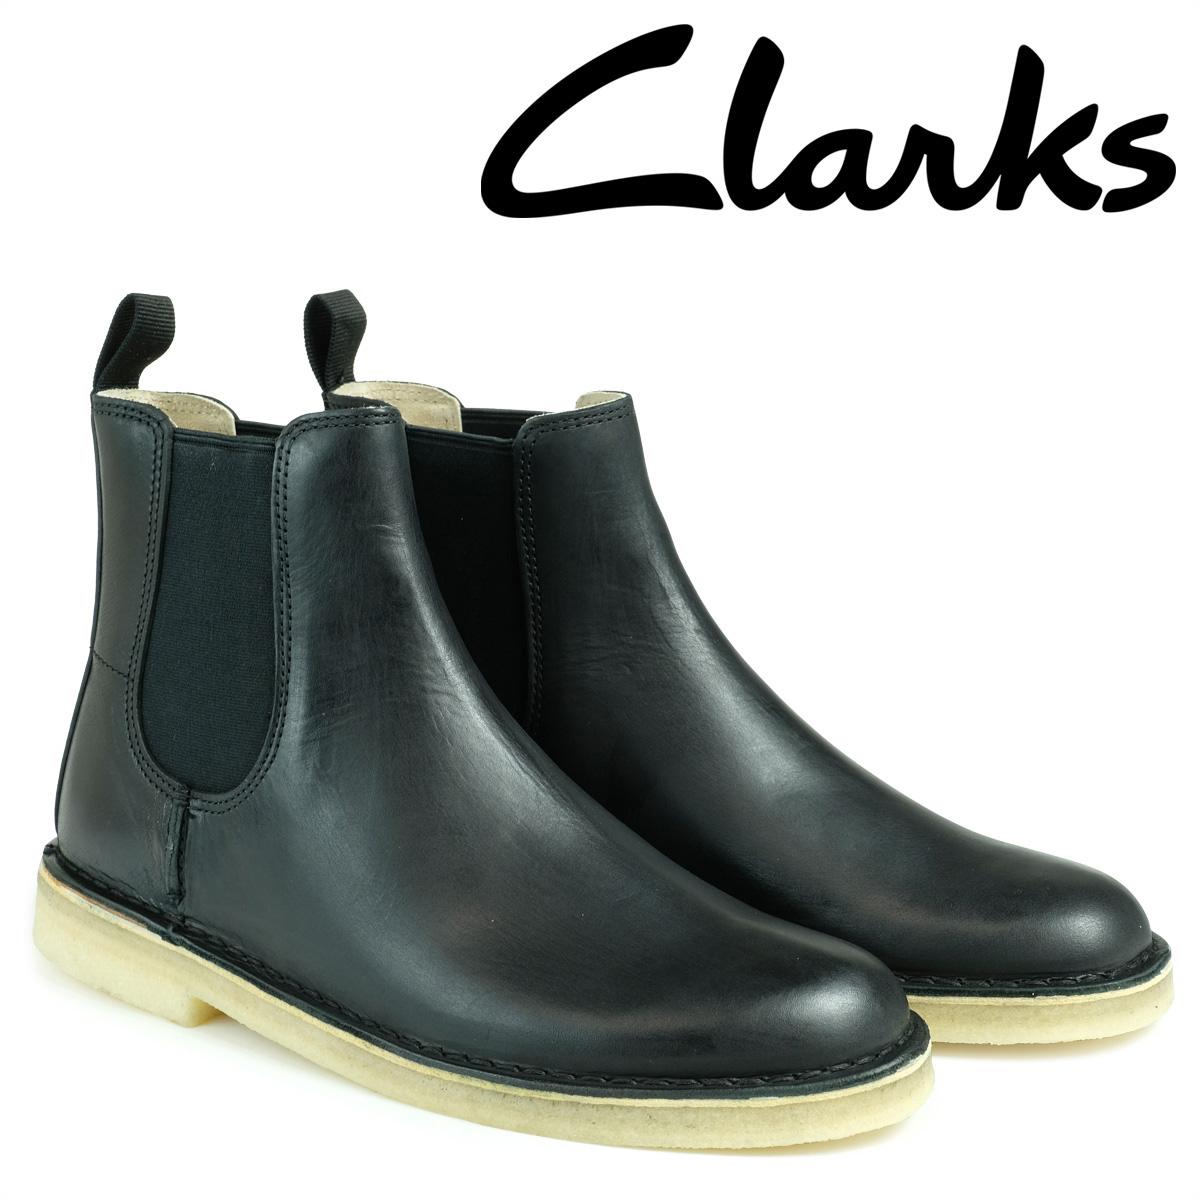 クラークス デザート ピーク ブーツ メンズ Clarks DESERT PEAK 26128730 サイドゴア ブラック